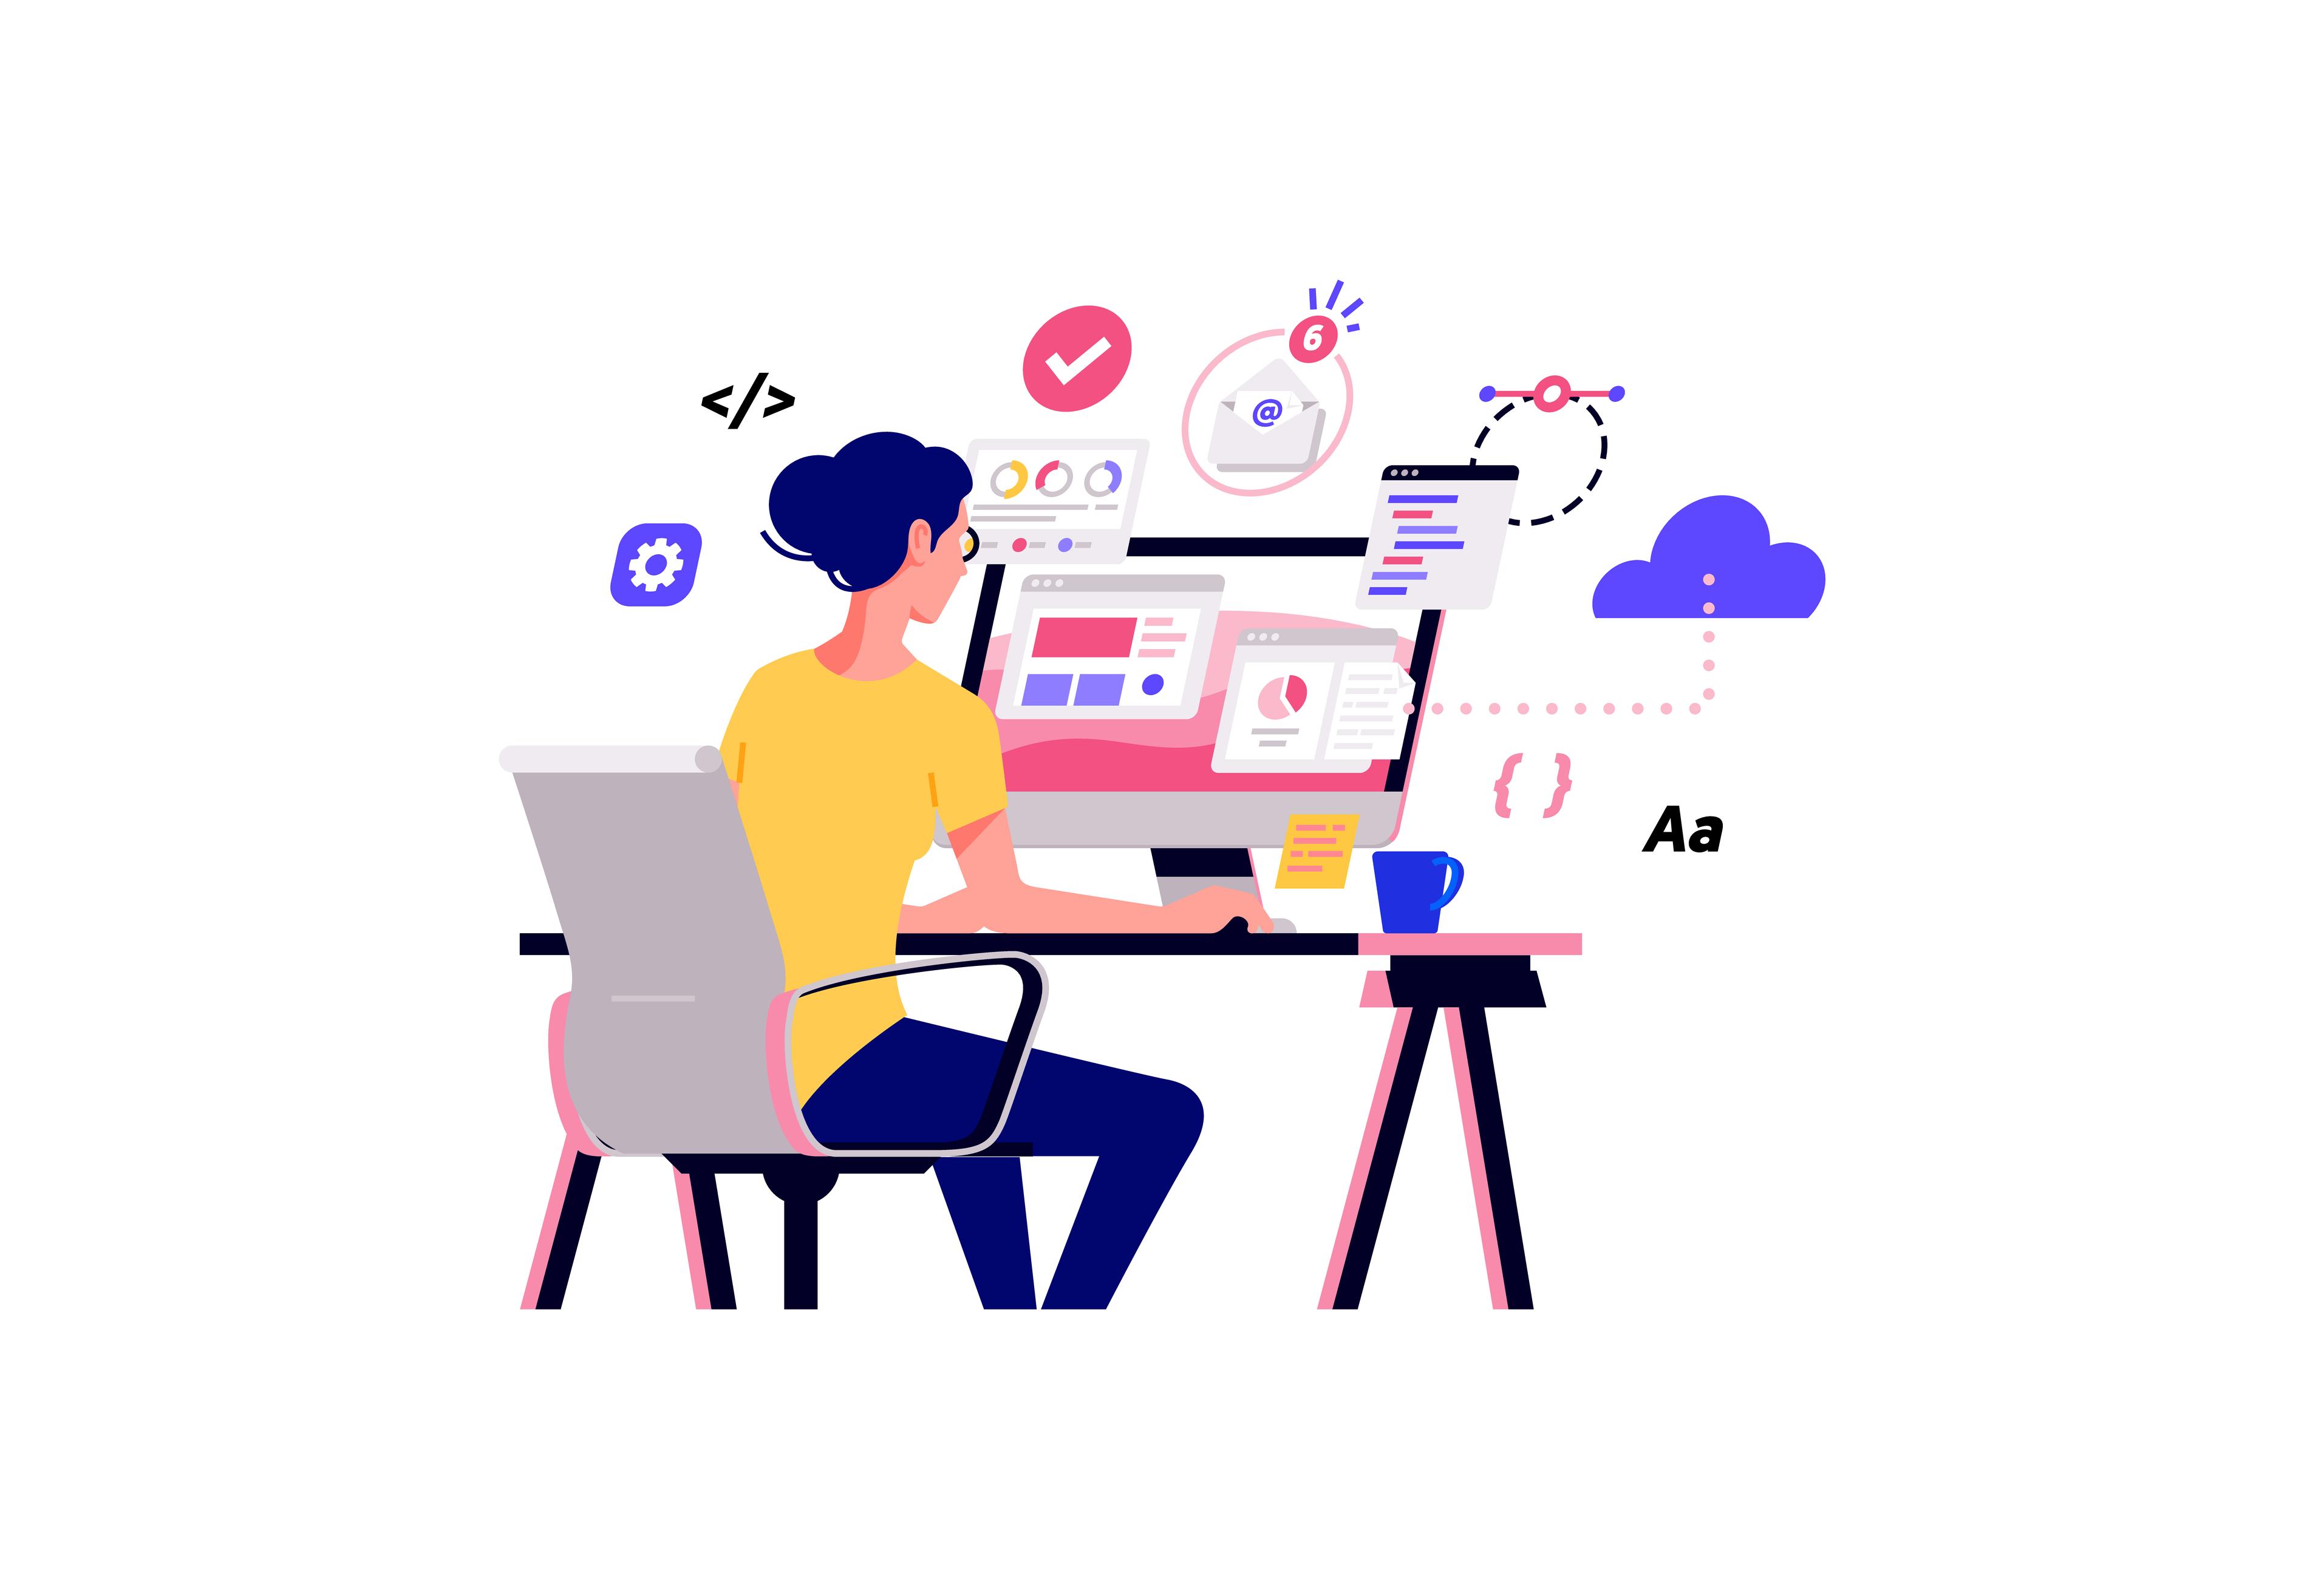 Uma ilustração de uma mulher trabalhando com tecnologia